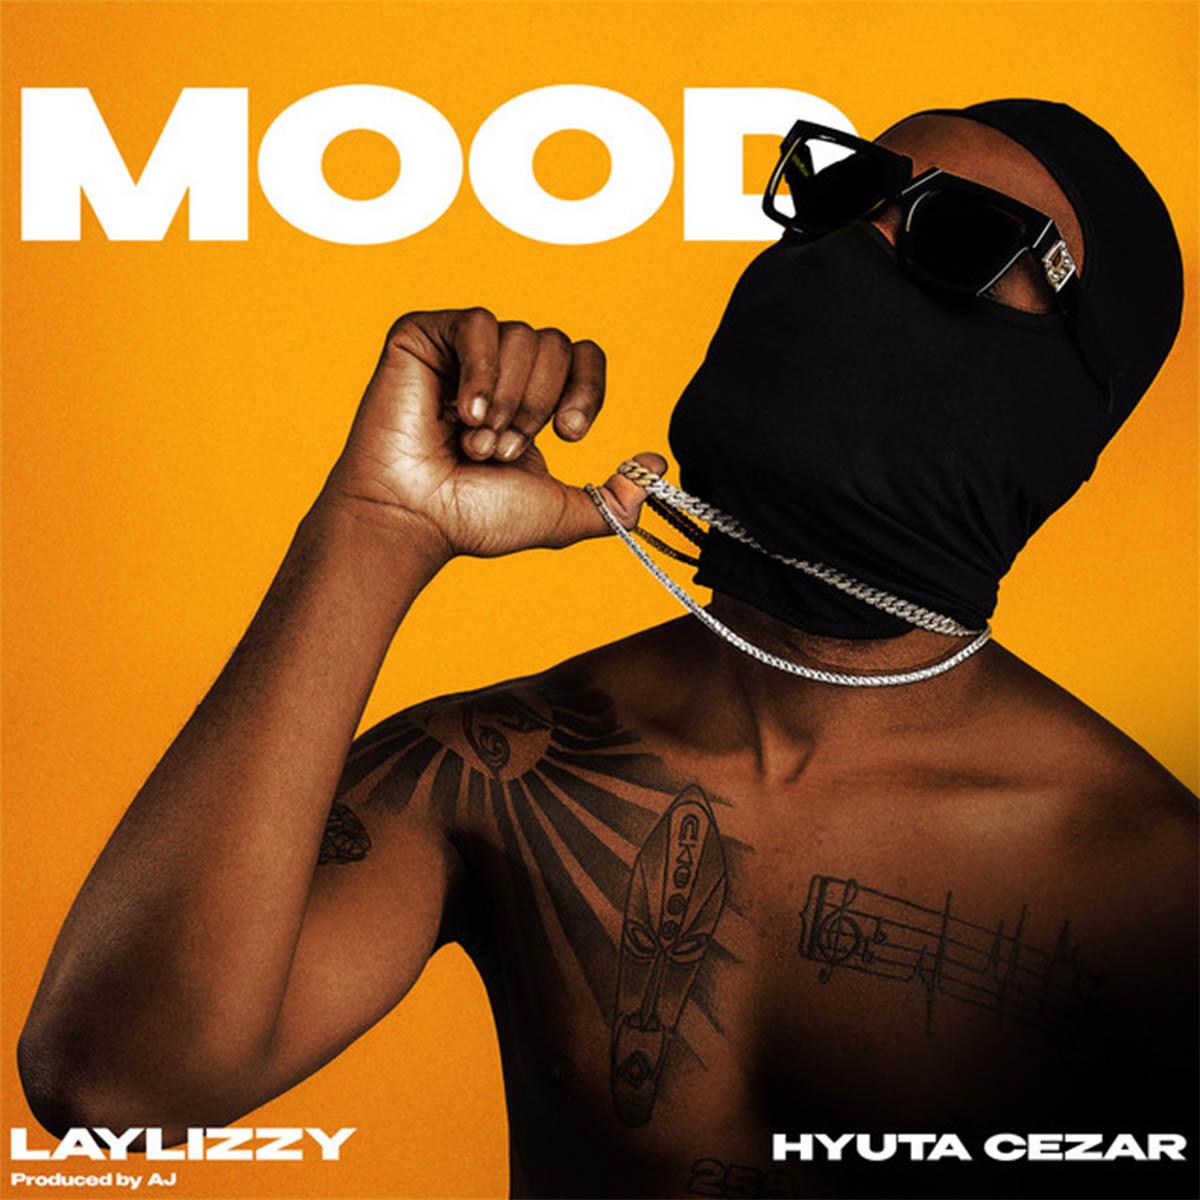 Laylizzy - MOOD (feat. Hyuta Cezar)